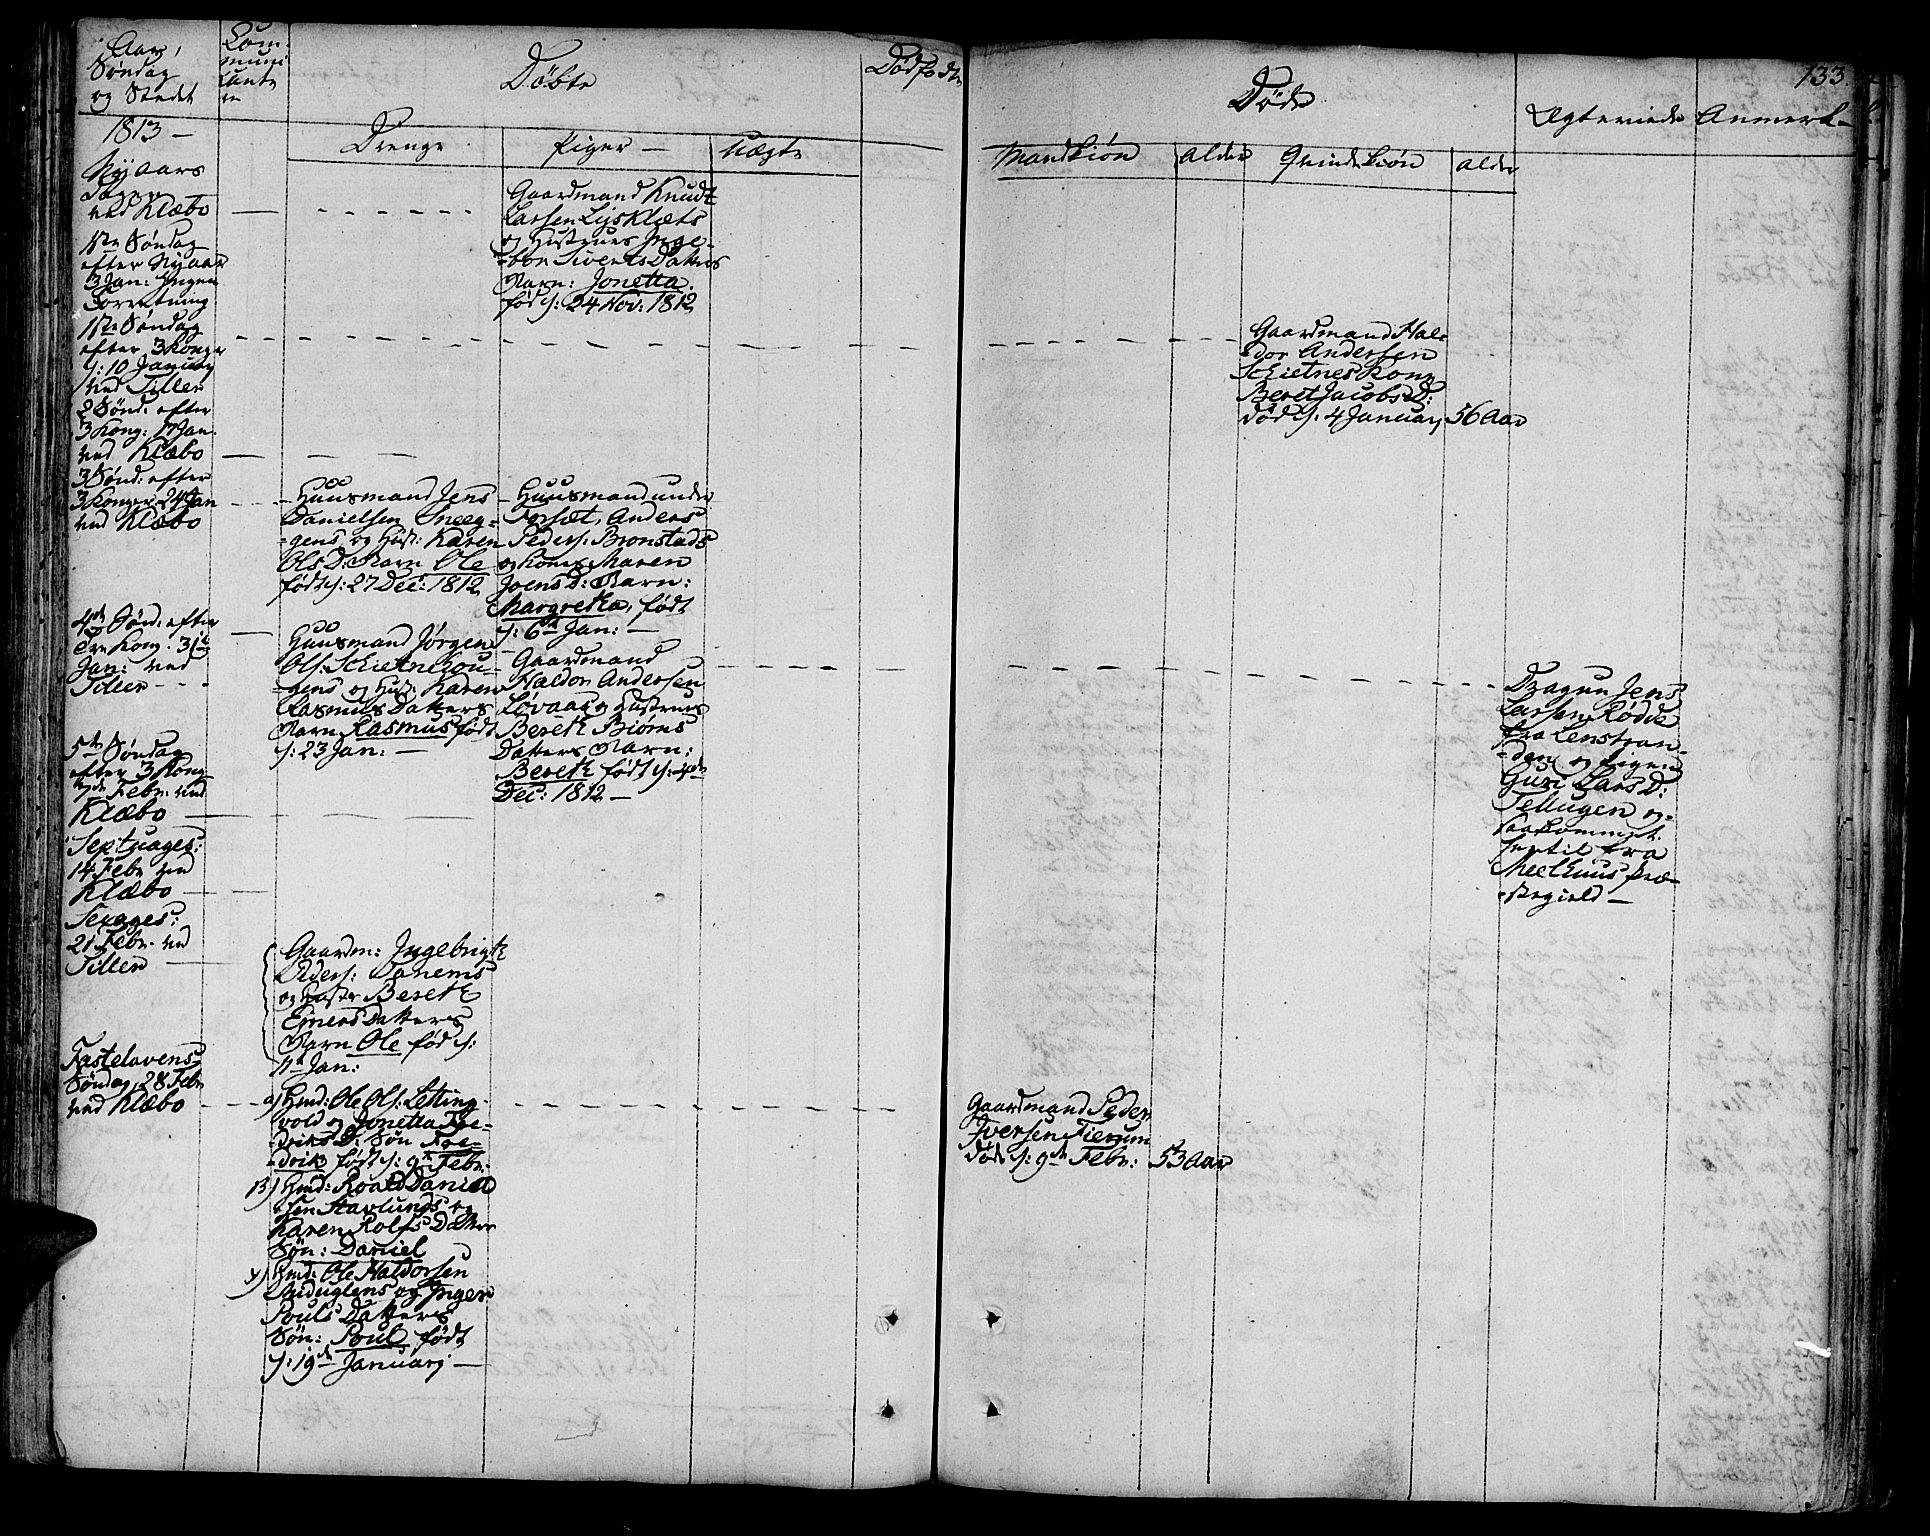 SAT, Ministerialprotokoller, klokkerbøker og fødselsregistre - Sør-Trøndelag, 618/L0438: Ministerialbok nr. 618A03, 1783-1815, s. 133